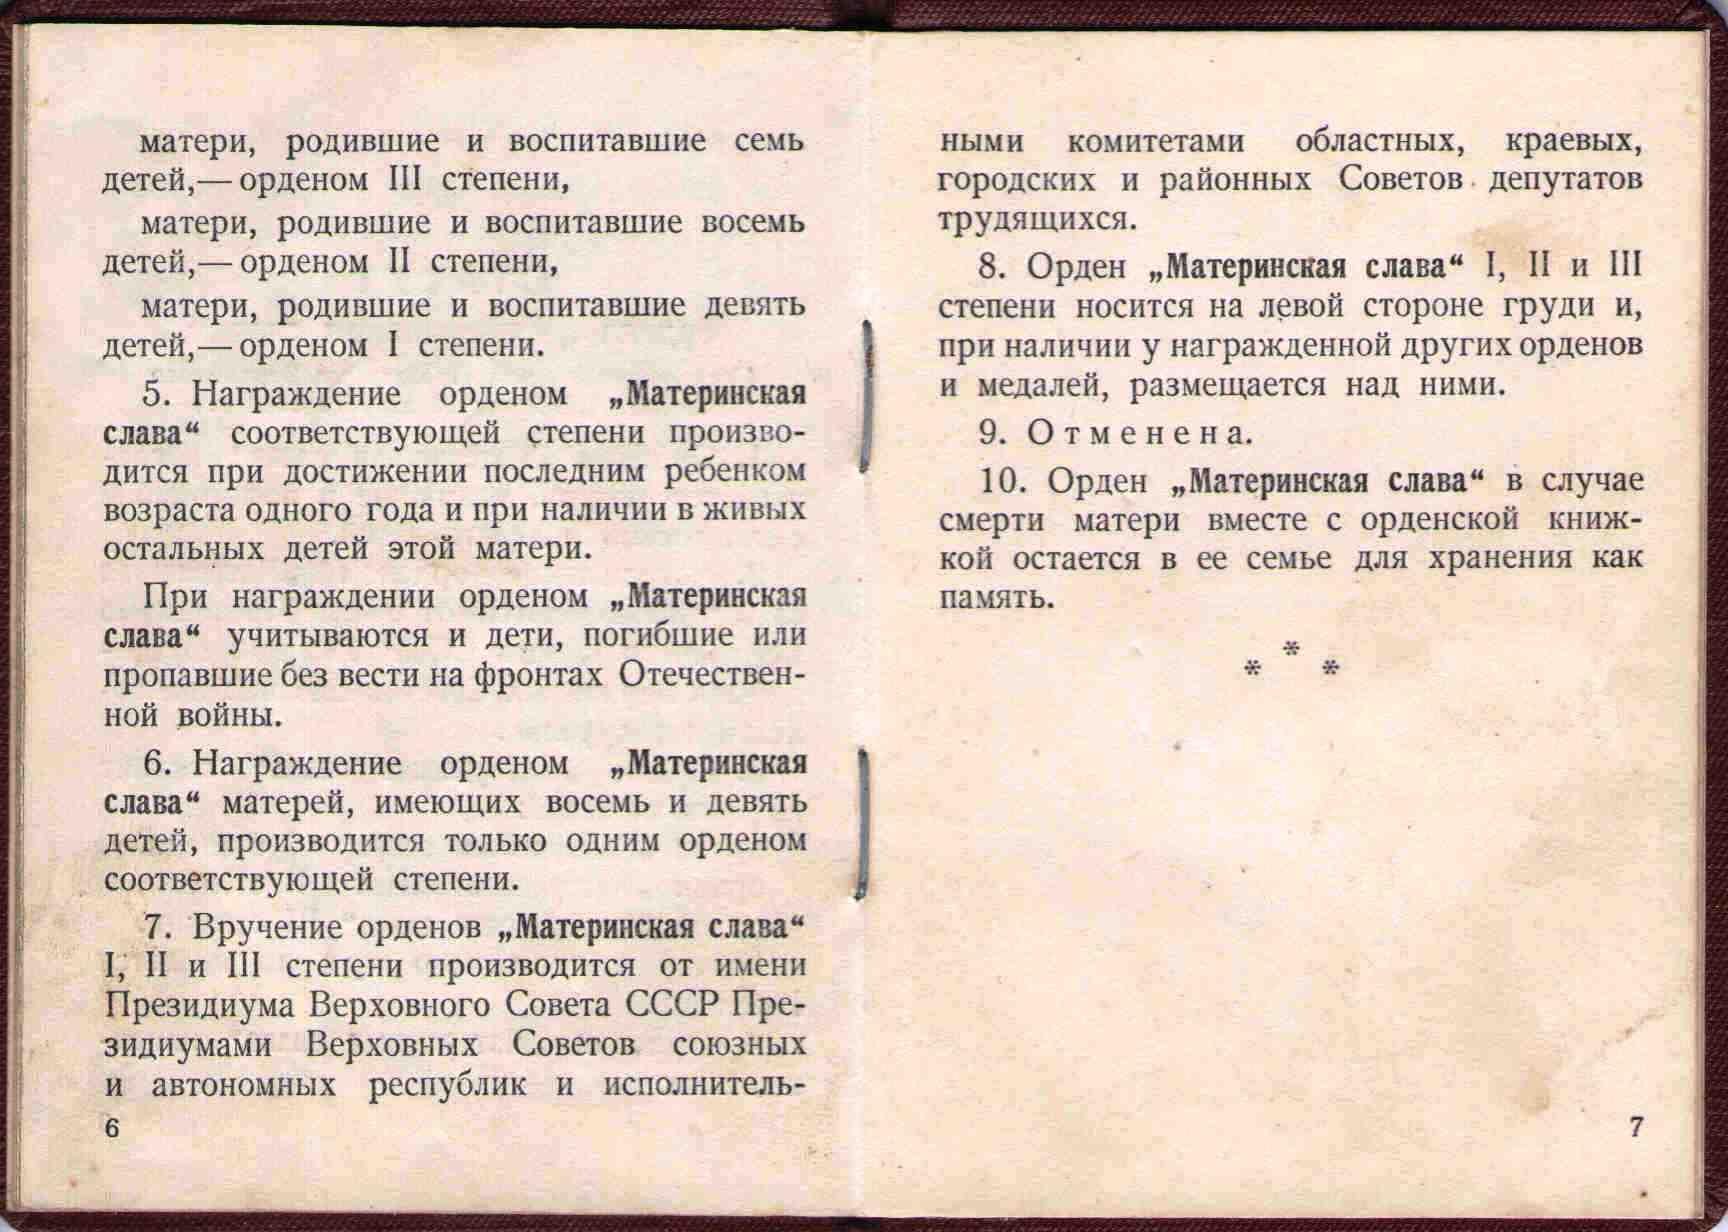 22. Орденская книжка 3 степени, 1960